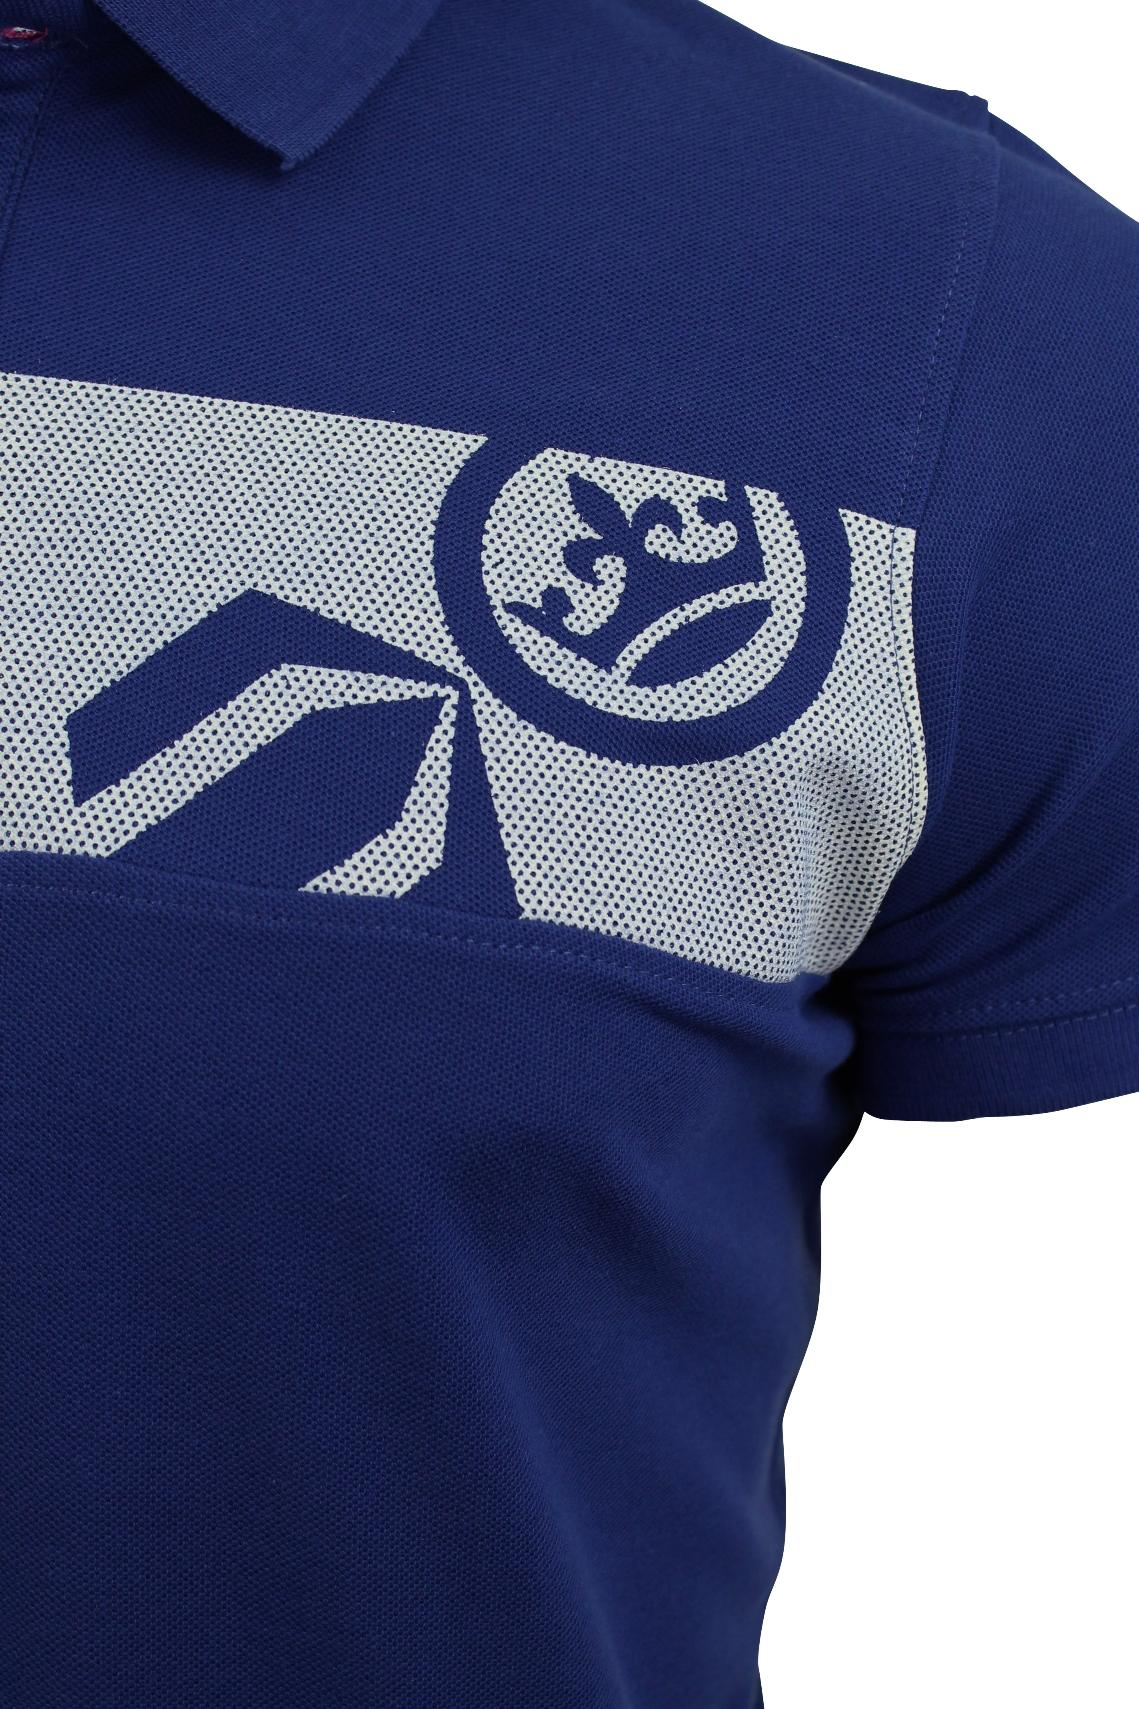 Camisa-Polo-Para-Hombre-De-Crosshatch-039-matriz-de-dos-Manga-corta-039 miniatura 10